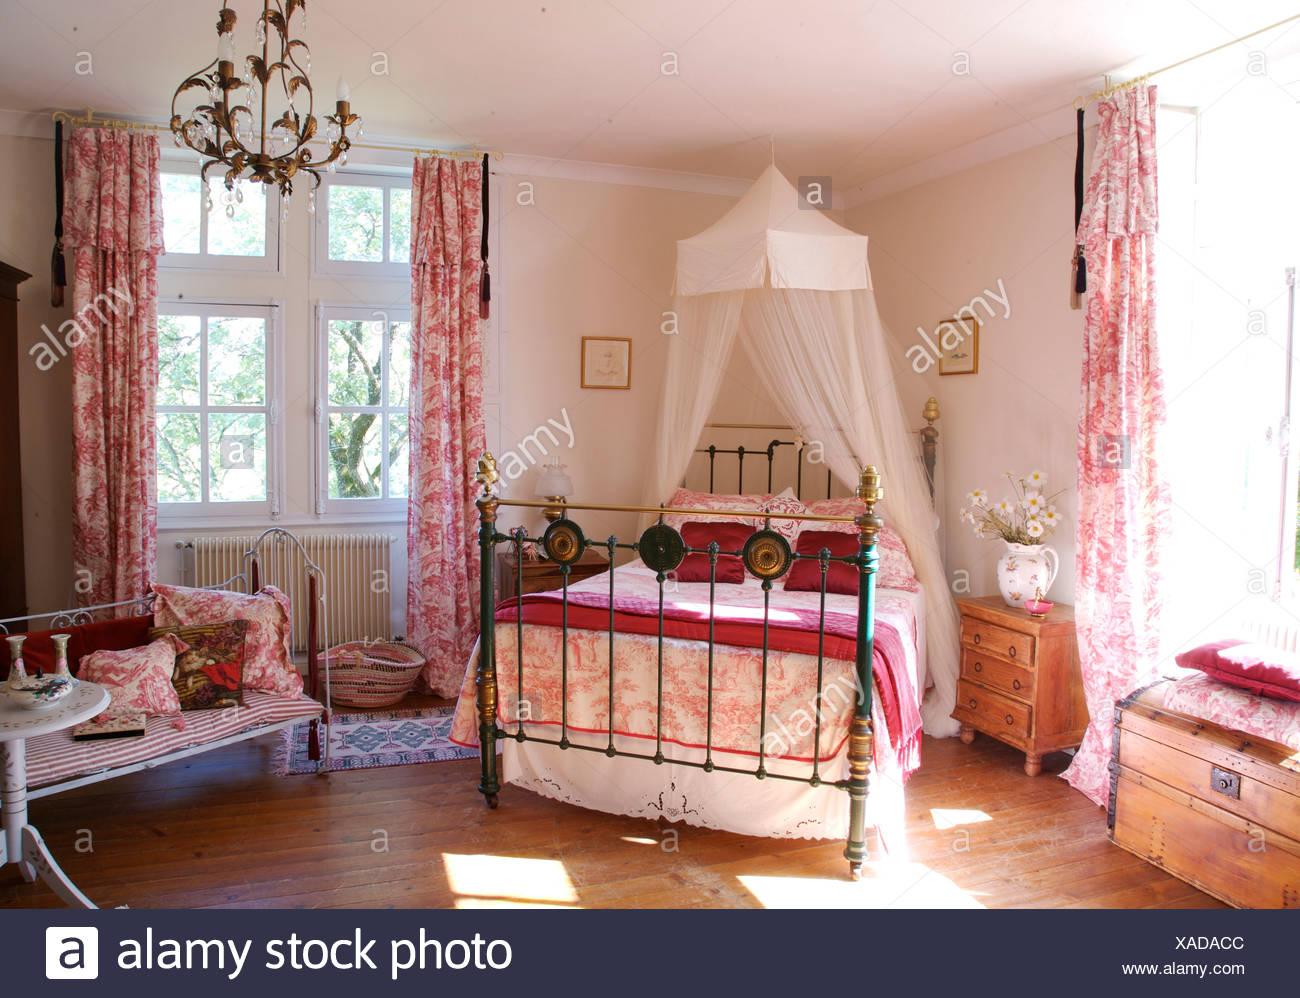 Angolo Del Letto : Voile bianco zanzariera sopra il letto in ottone con toile de jouy